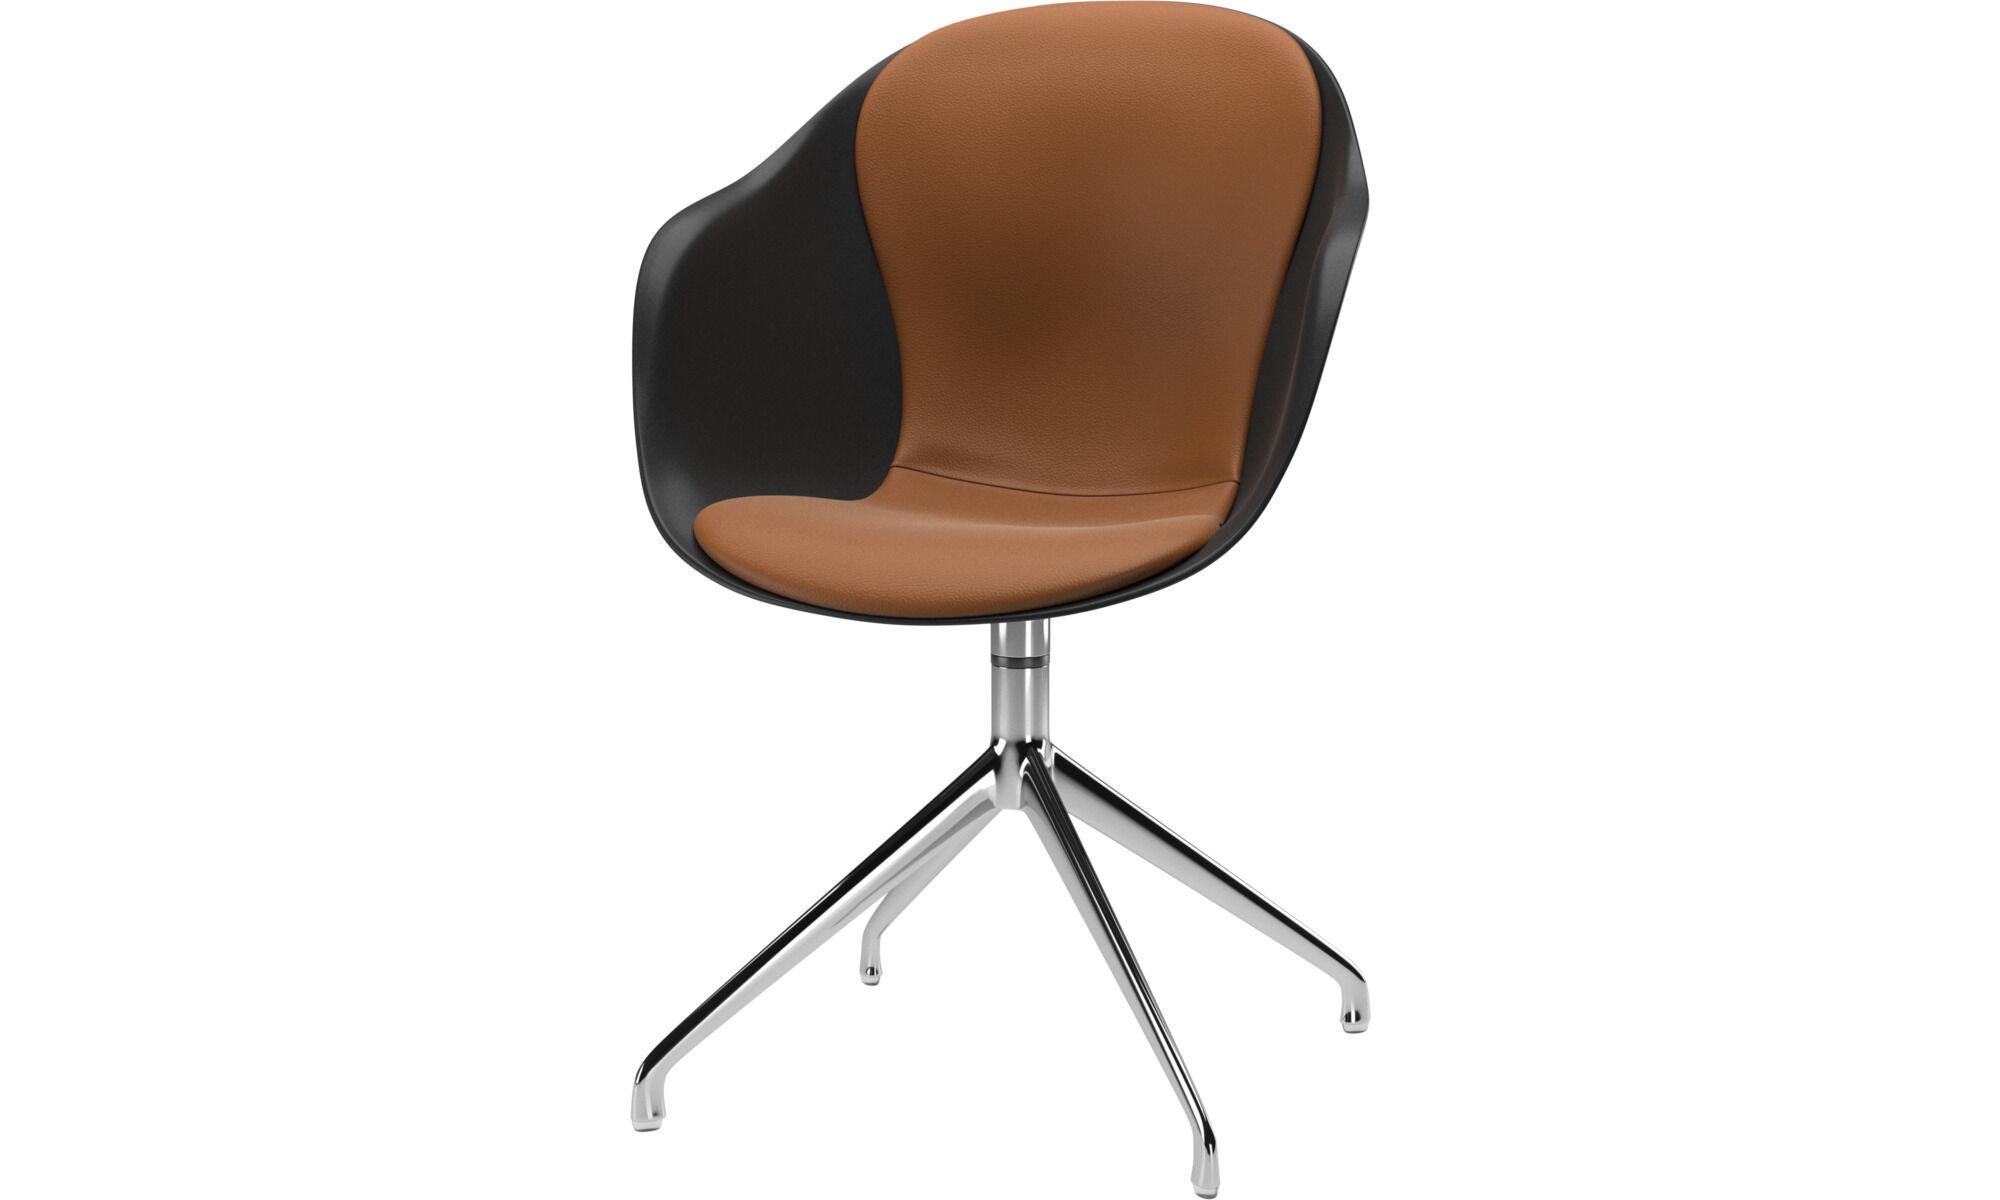 Esszimmerstühle   Adelaide Stuhl Mit Drehfunktion   Braun   Leder. Zu Ihren  Lieblingsprodukten Hinzufügen